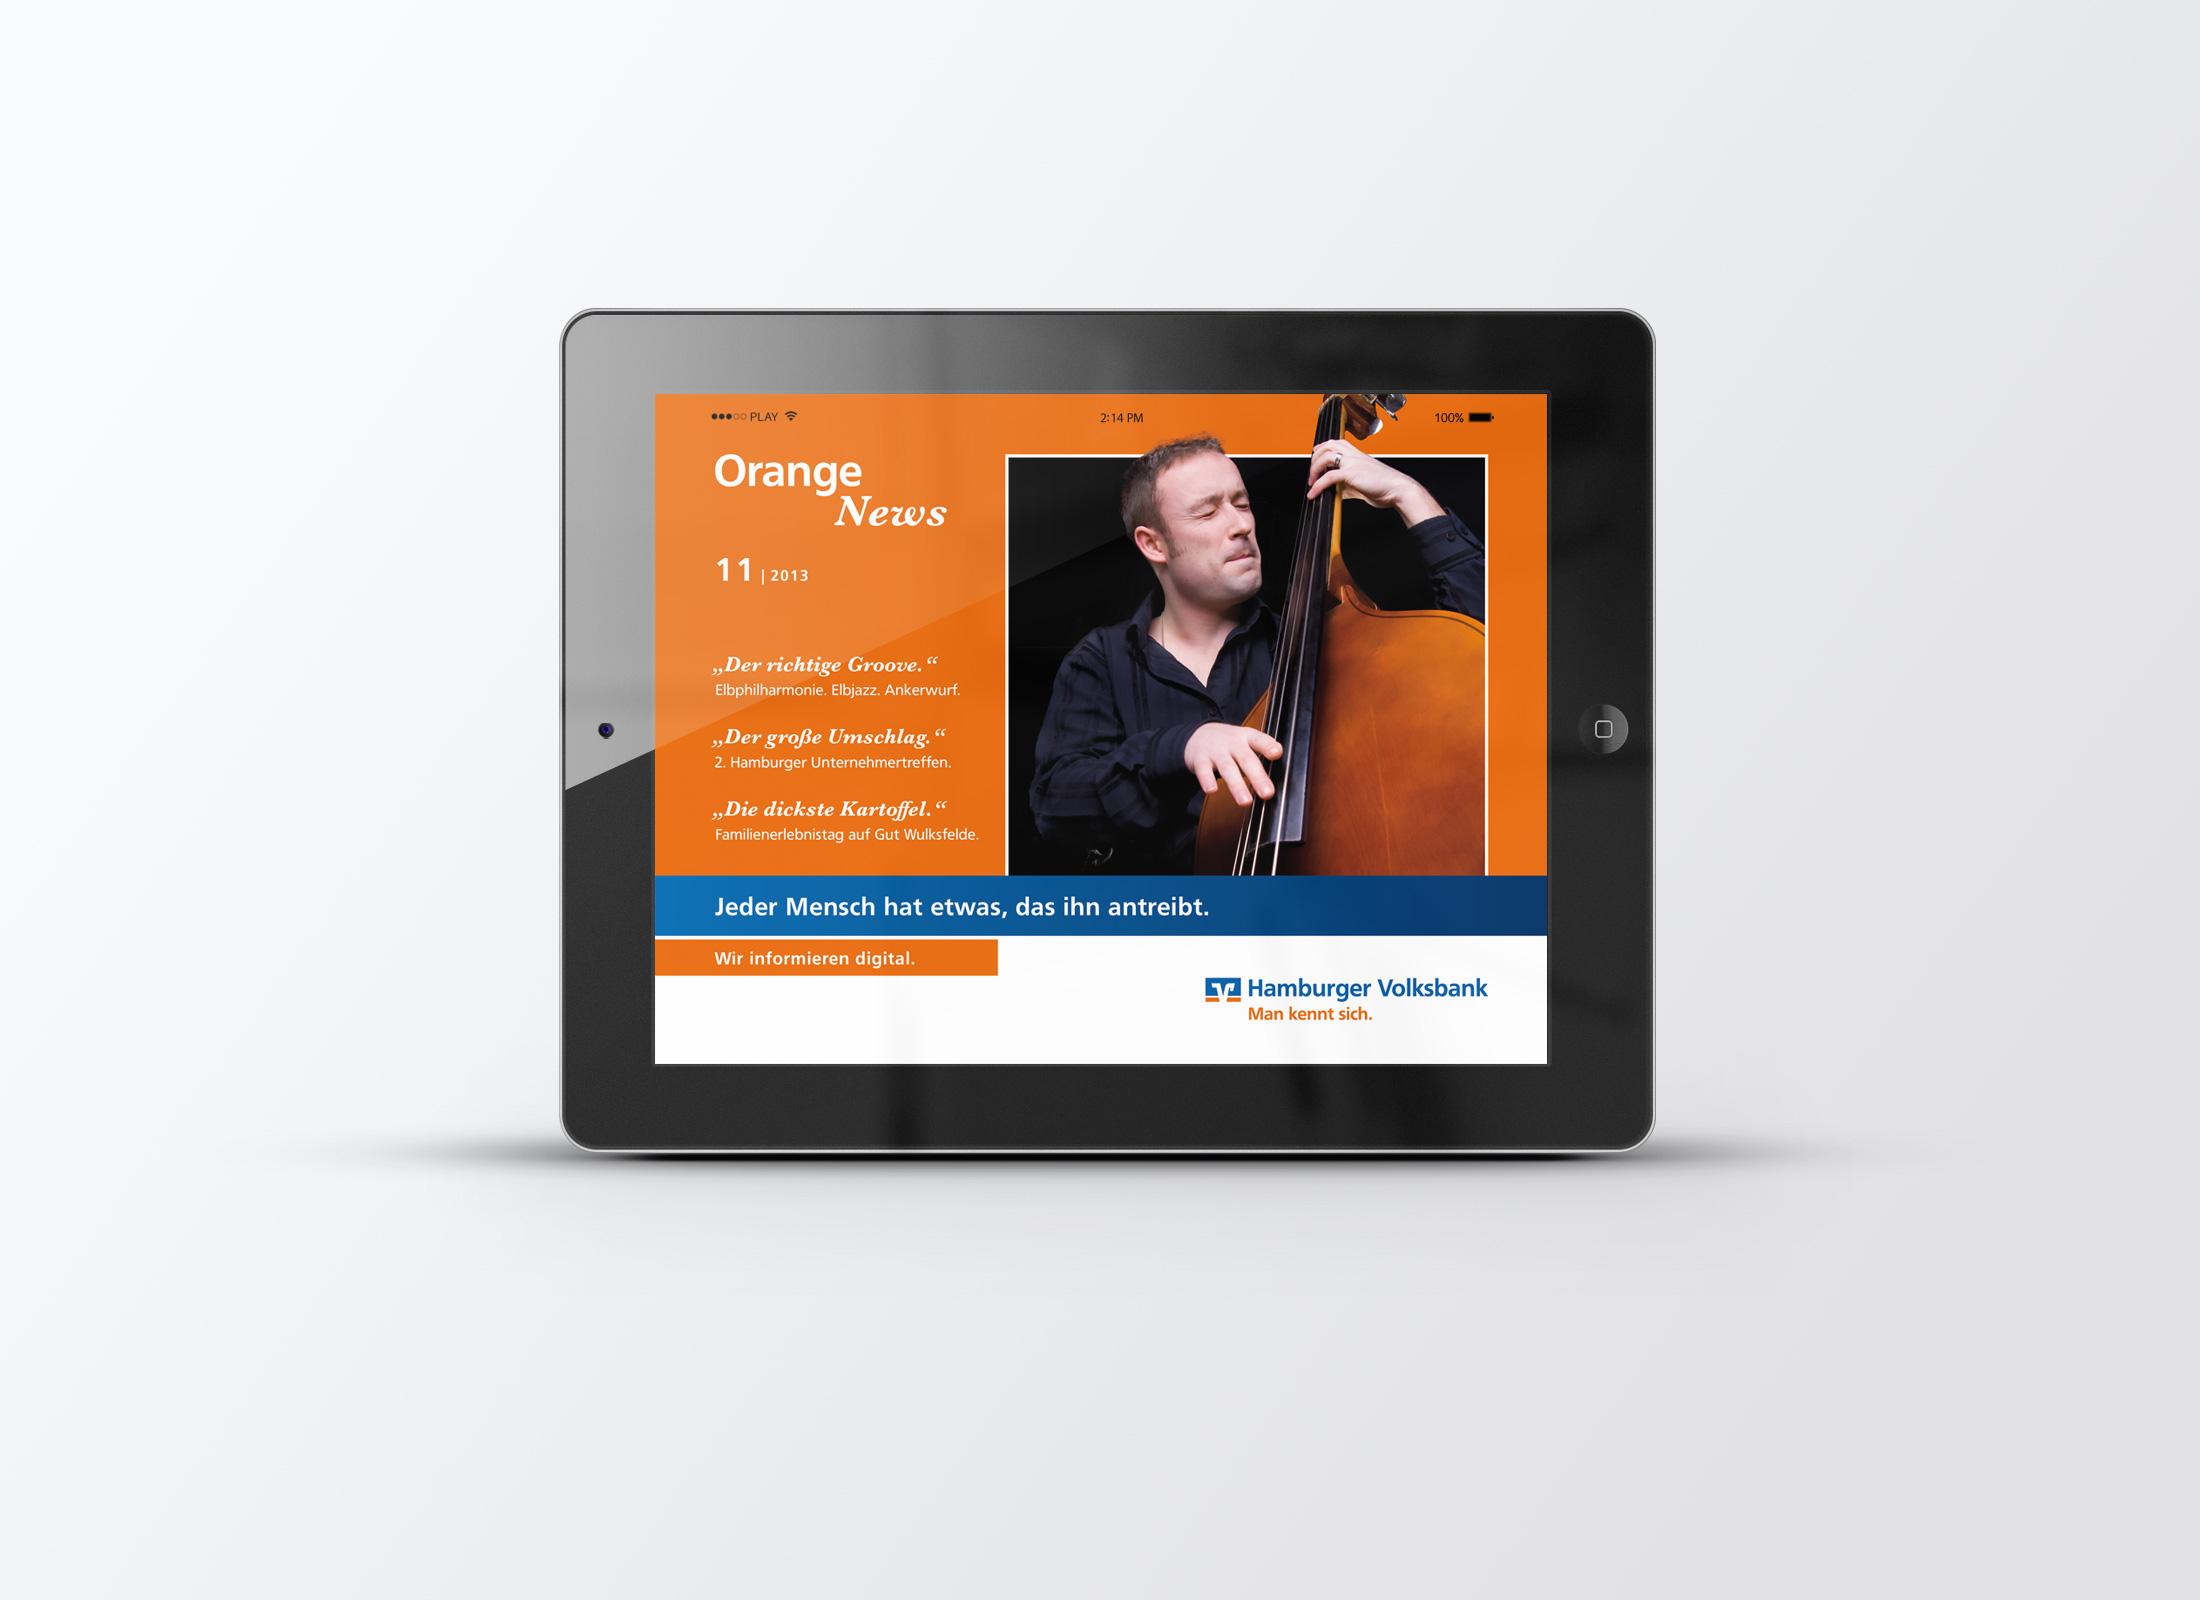 Hamburger Volksbank Mitarbeiterzeitschrift Orange News